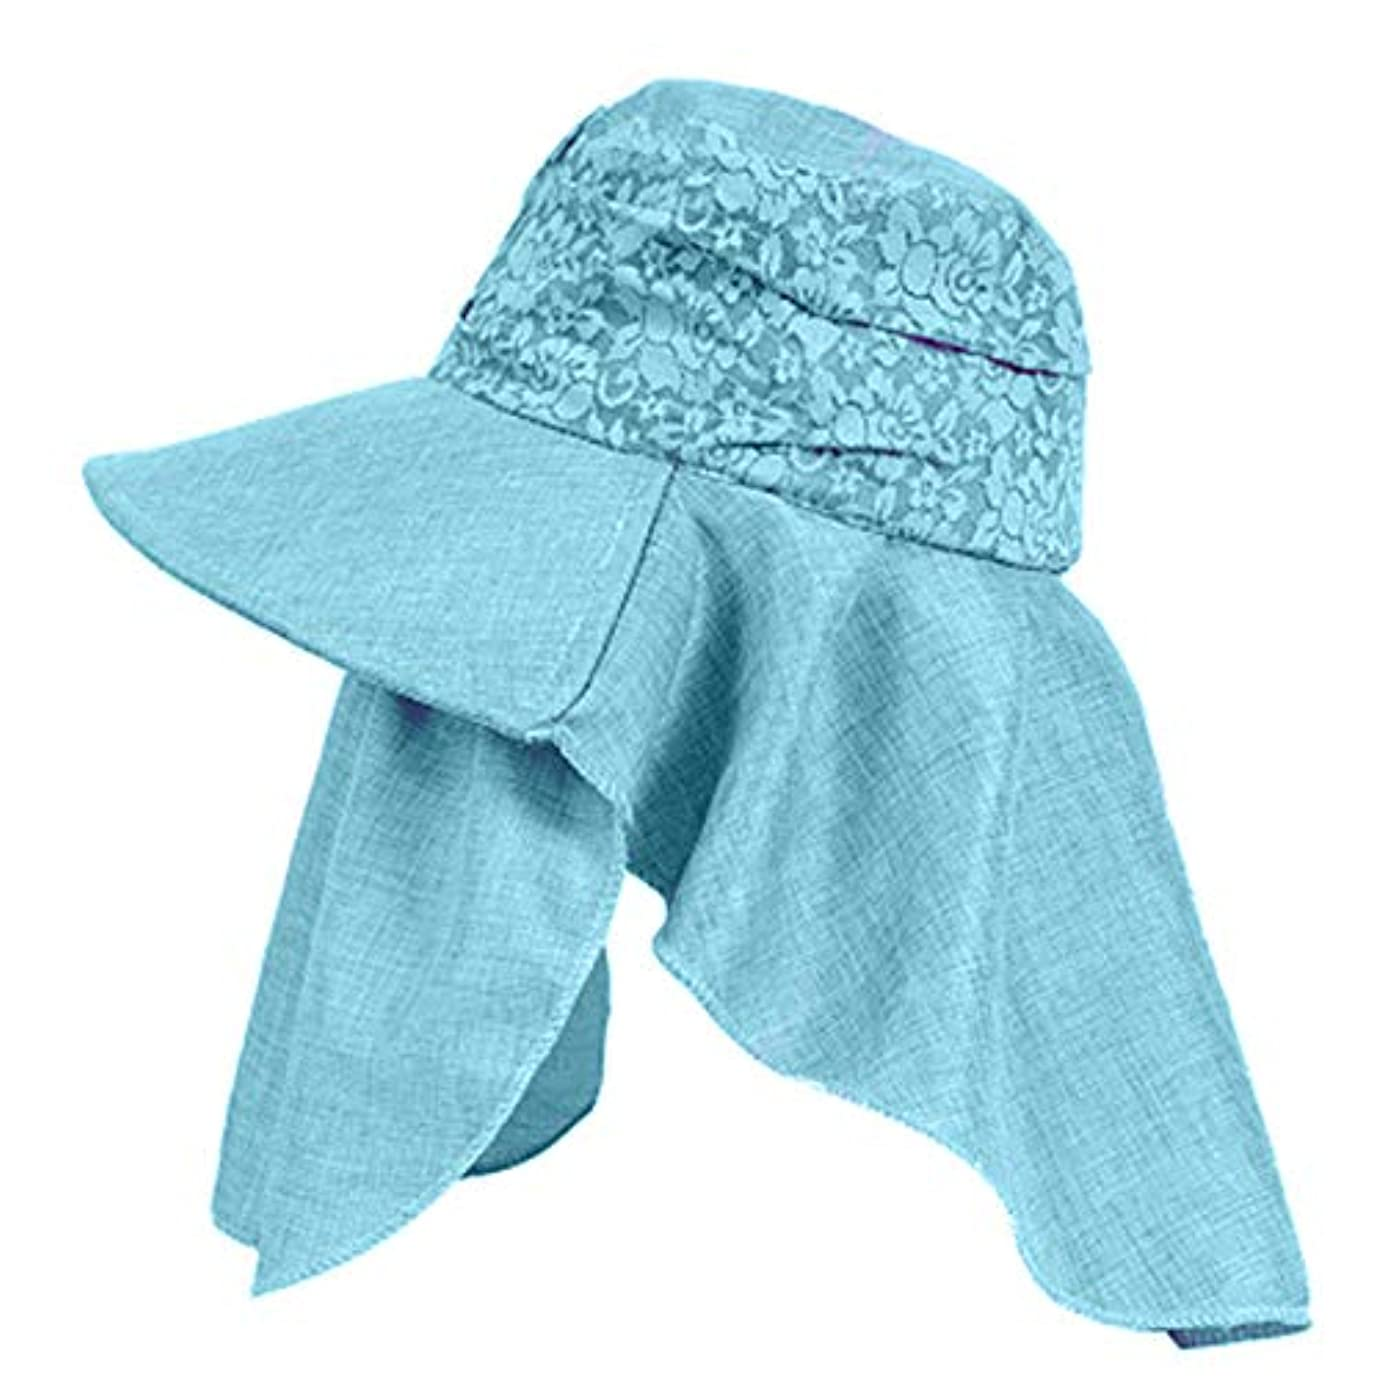 太いトーク出来事Merssavo 女性の夏の日曜日の帽子、バイザーカバーの表面の反紫色のライン旅行日曜日の帽子、ガーデニング、ハイキング、旅行、1#